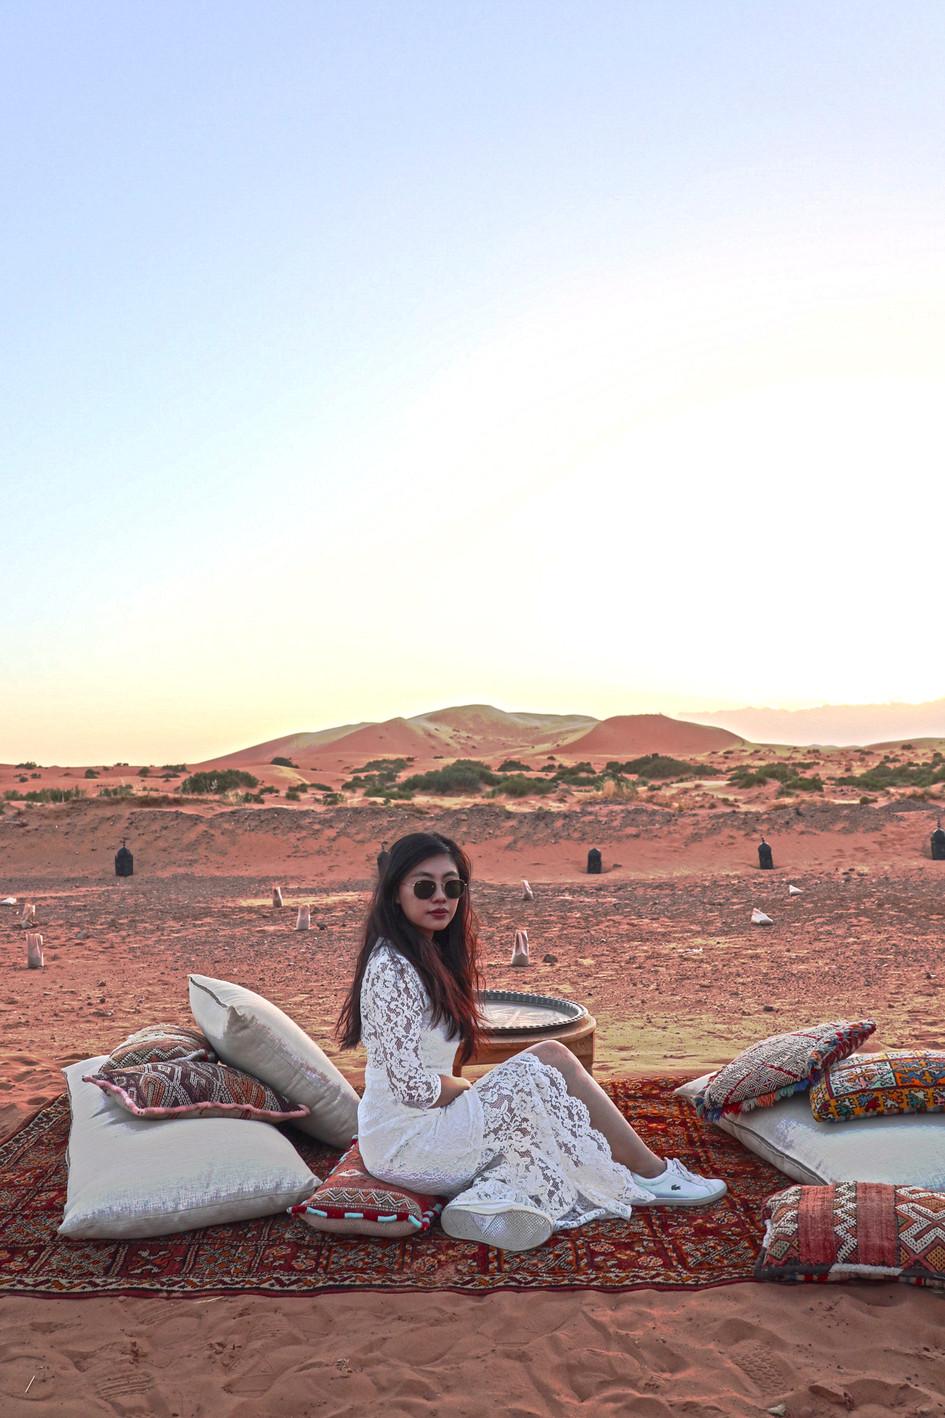 A long ride from Marrakech to reach Dam Dam Dunes.